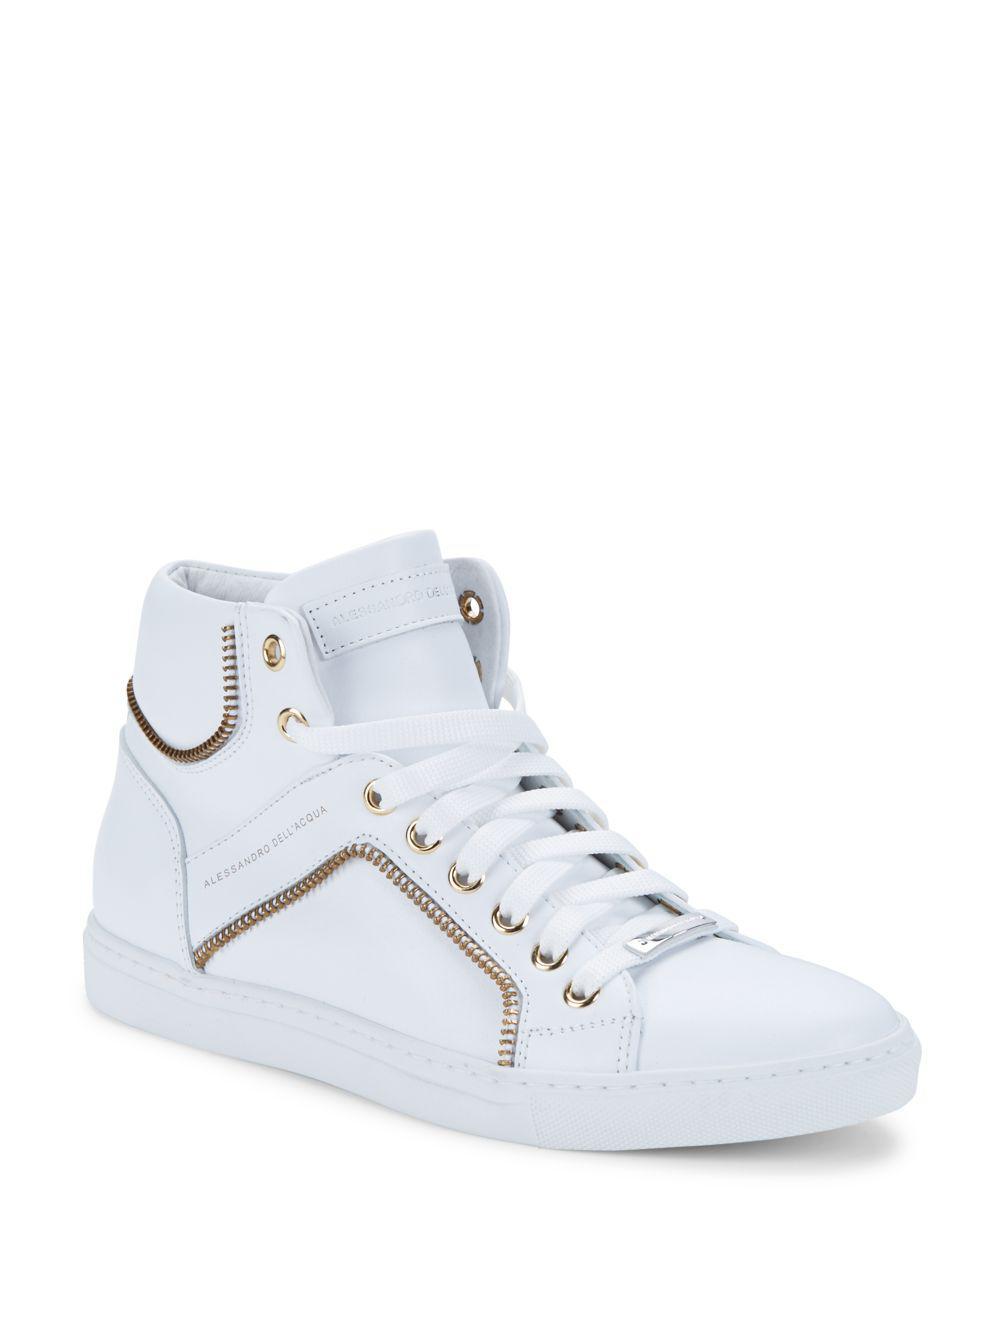 ALESSANDRO DELL'ACQUA Sneakers Homme WHITE, 45